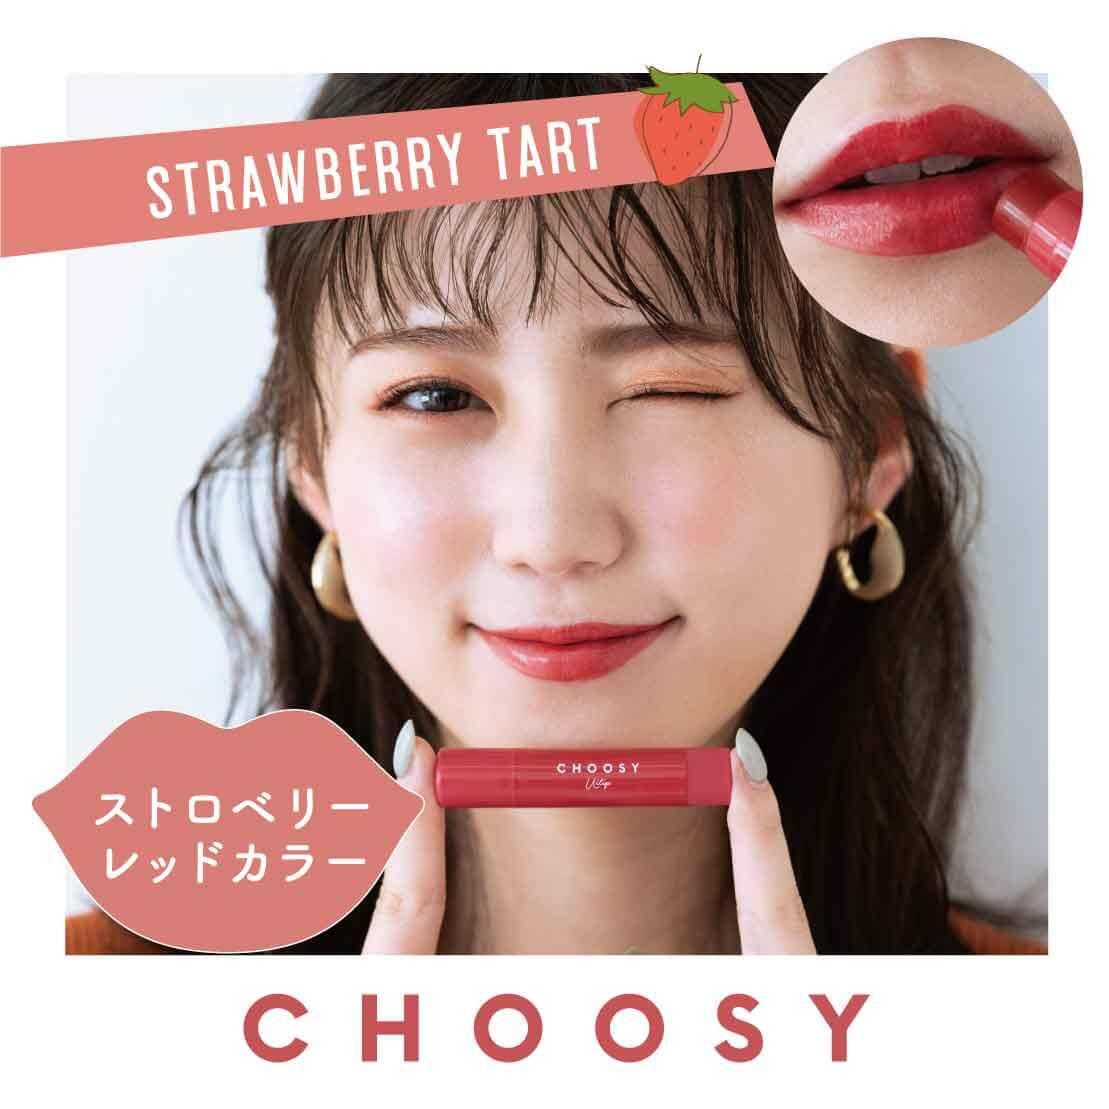 CHOOSY(チューシー)カラーケアリップクリーム ストロベリーレッド(いちごタルトの香り)/¥462(税込み)